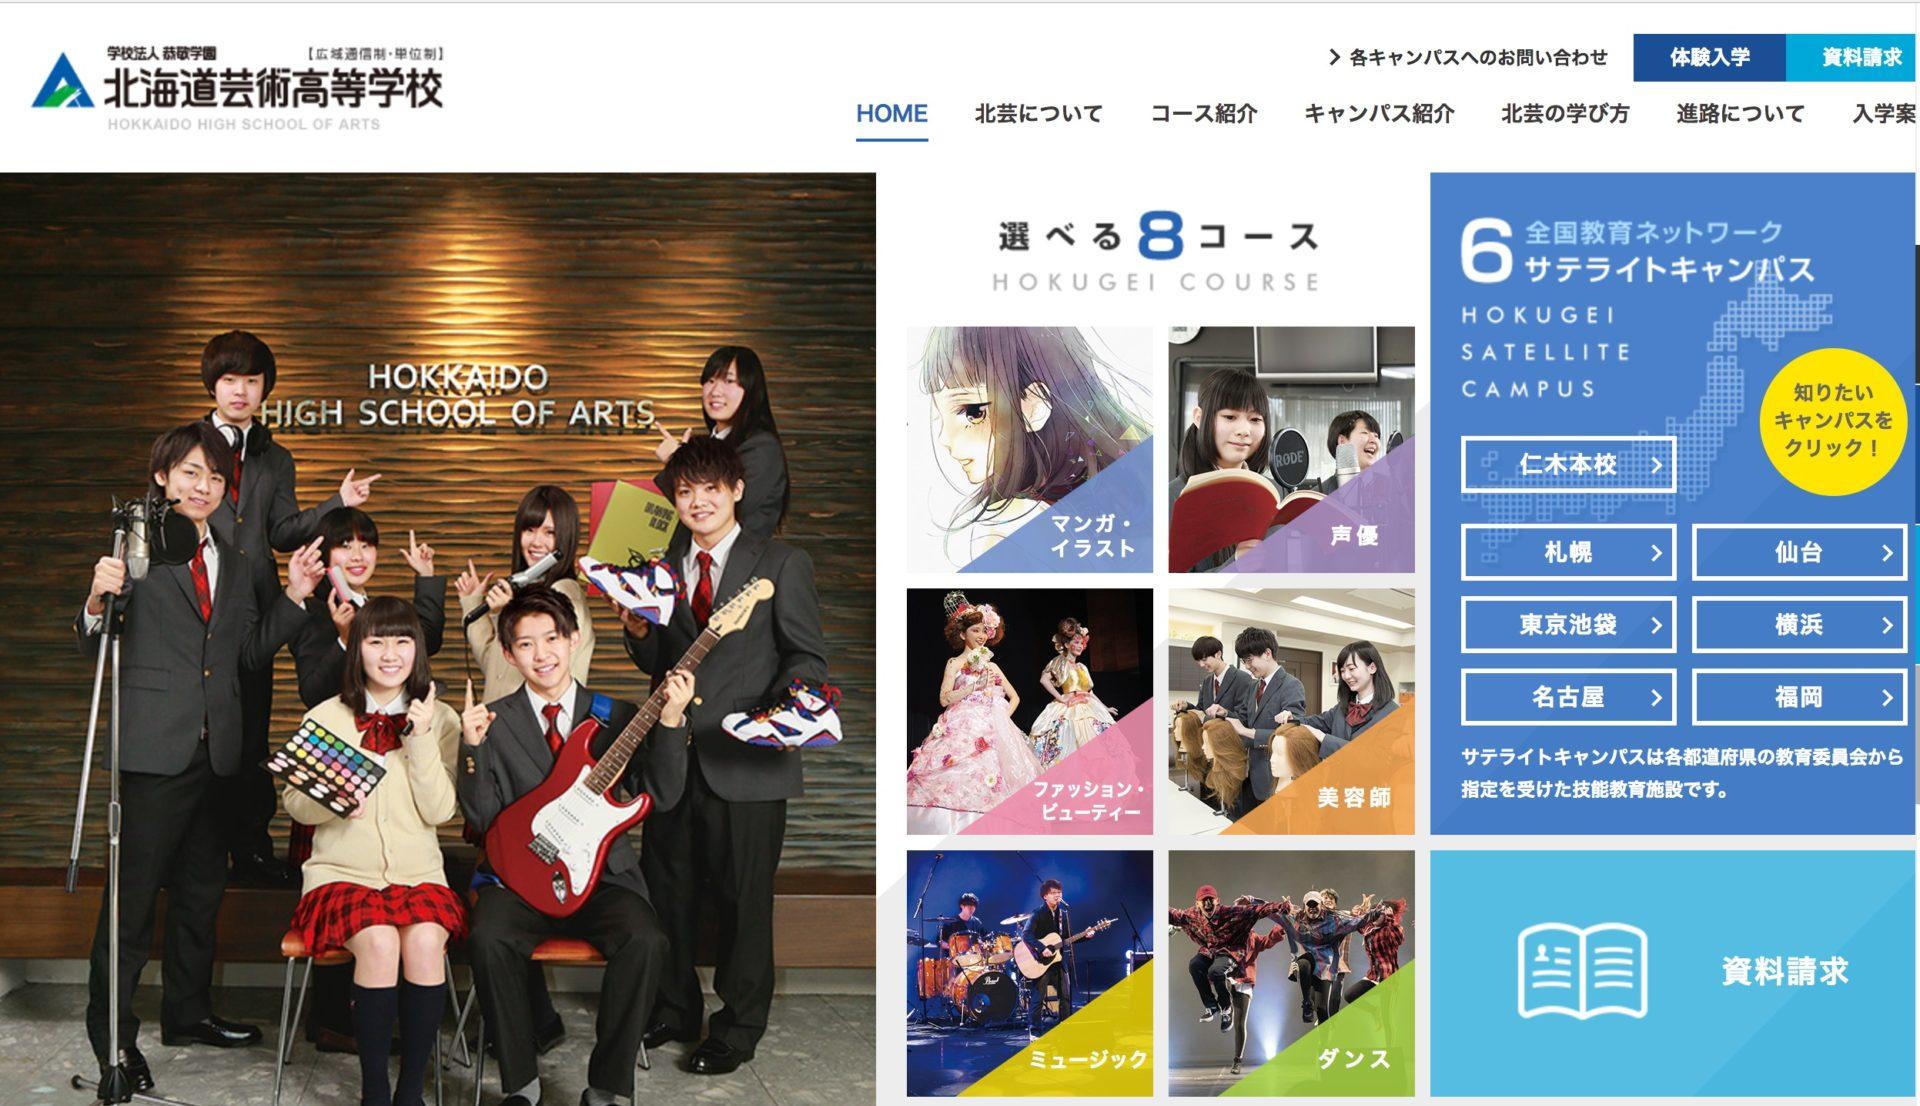 学校 横浜 芸術 高等 北海道